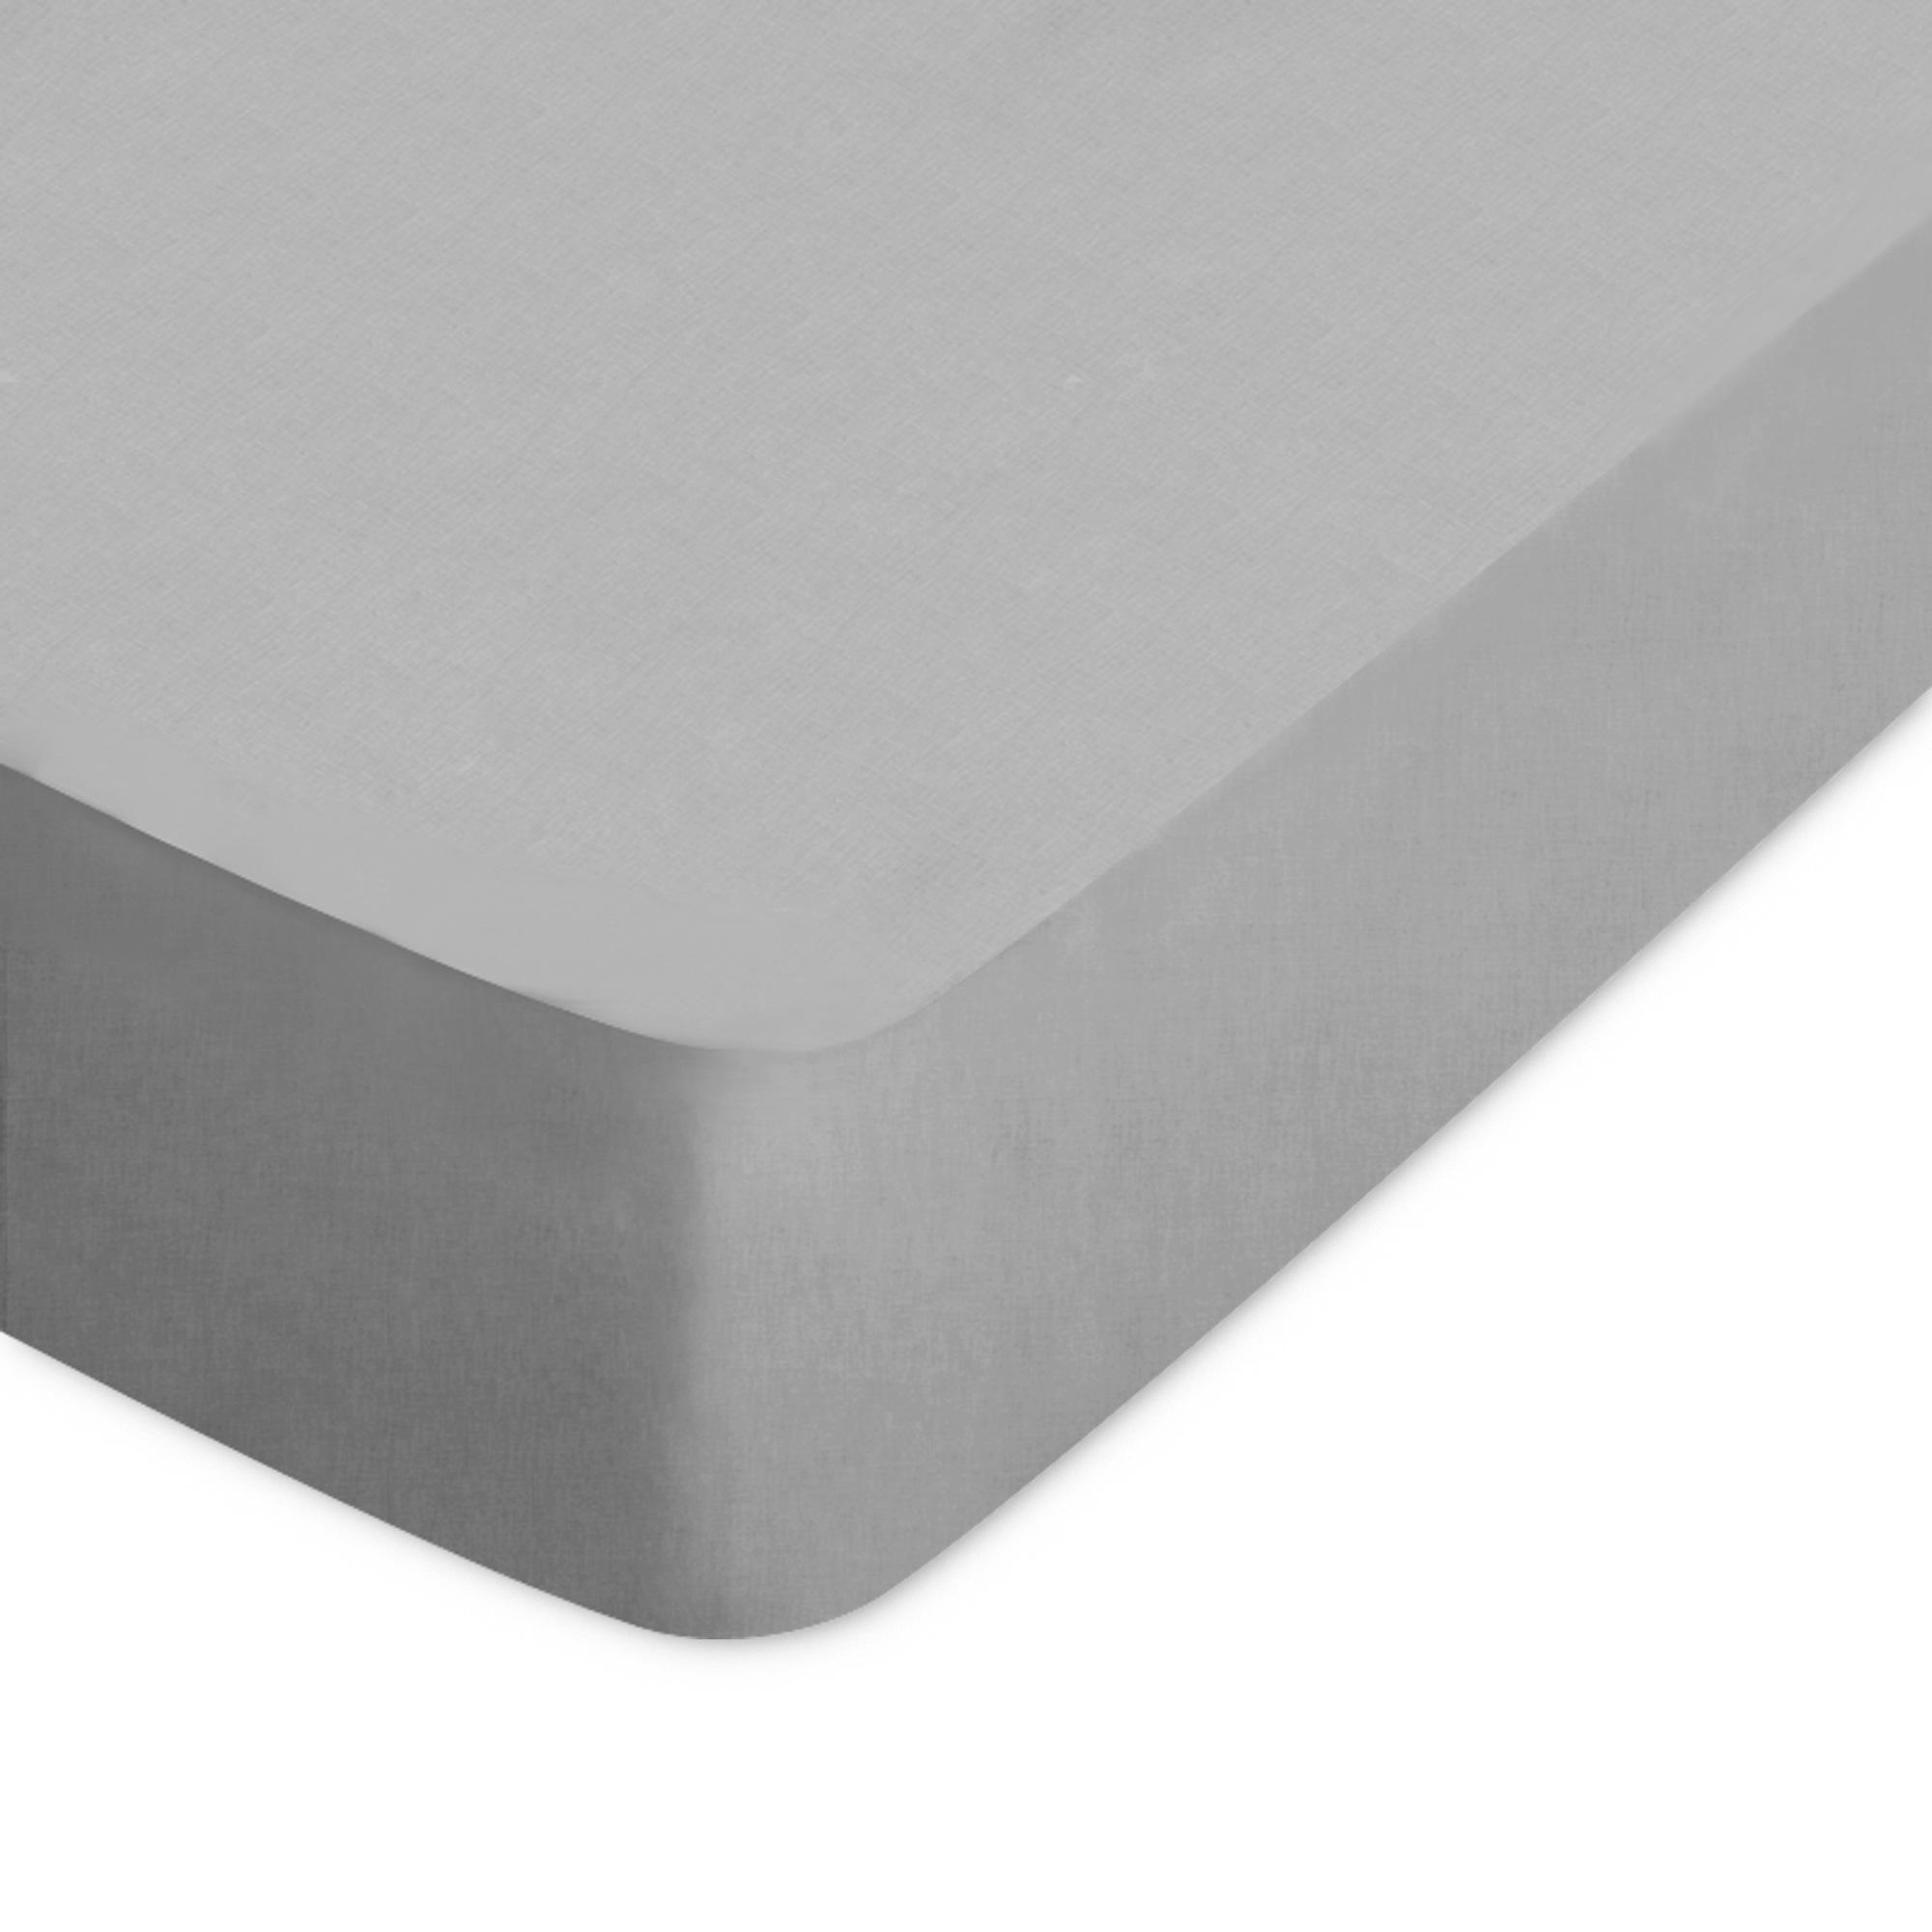 DRAP HOUSSE UNI 150x200 100% coton ALTO Alu   EUR 48,40 | PicClick FR